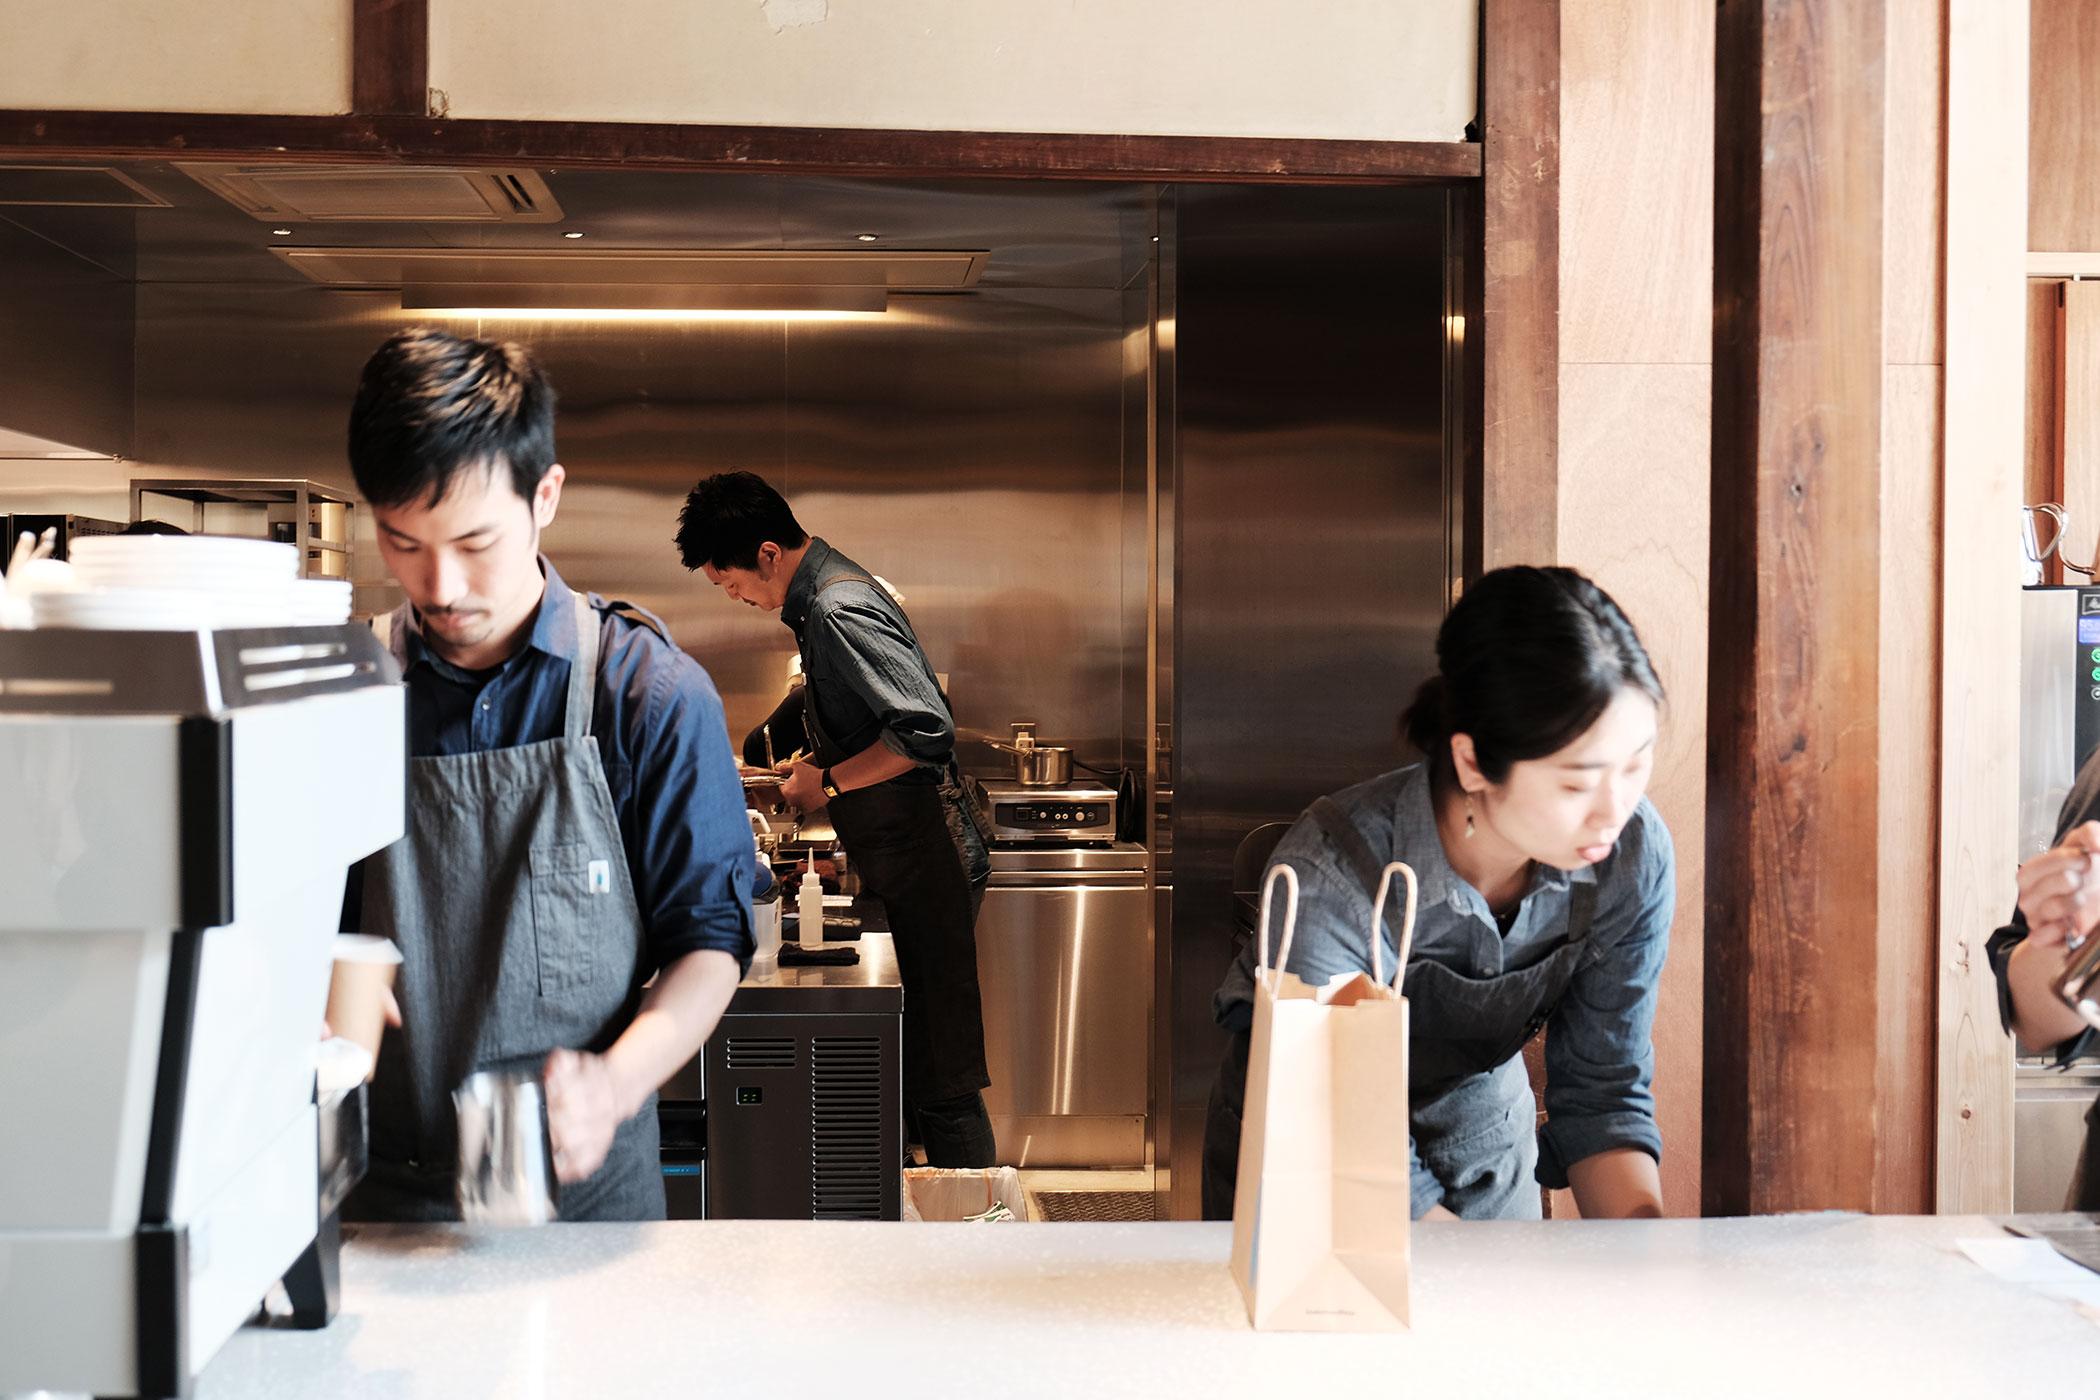 待望の初出店!ブルーボトルコーヒーの関西第一号は京都の南禅寺に ブルーボトルコーヒー 京都カフェ (BLUE BOTTLE COFFEE KYOTO) カウンター3